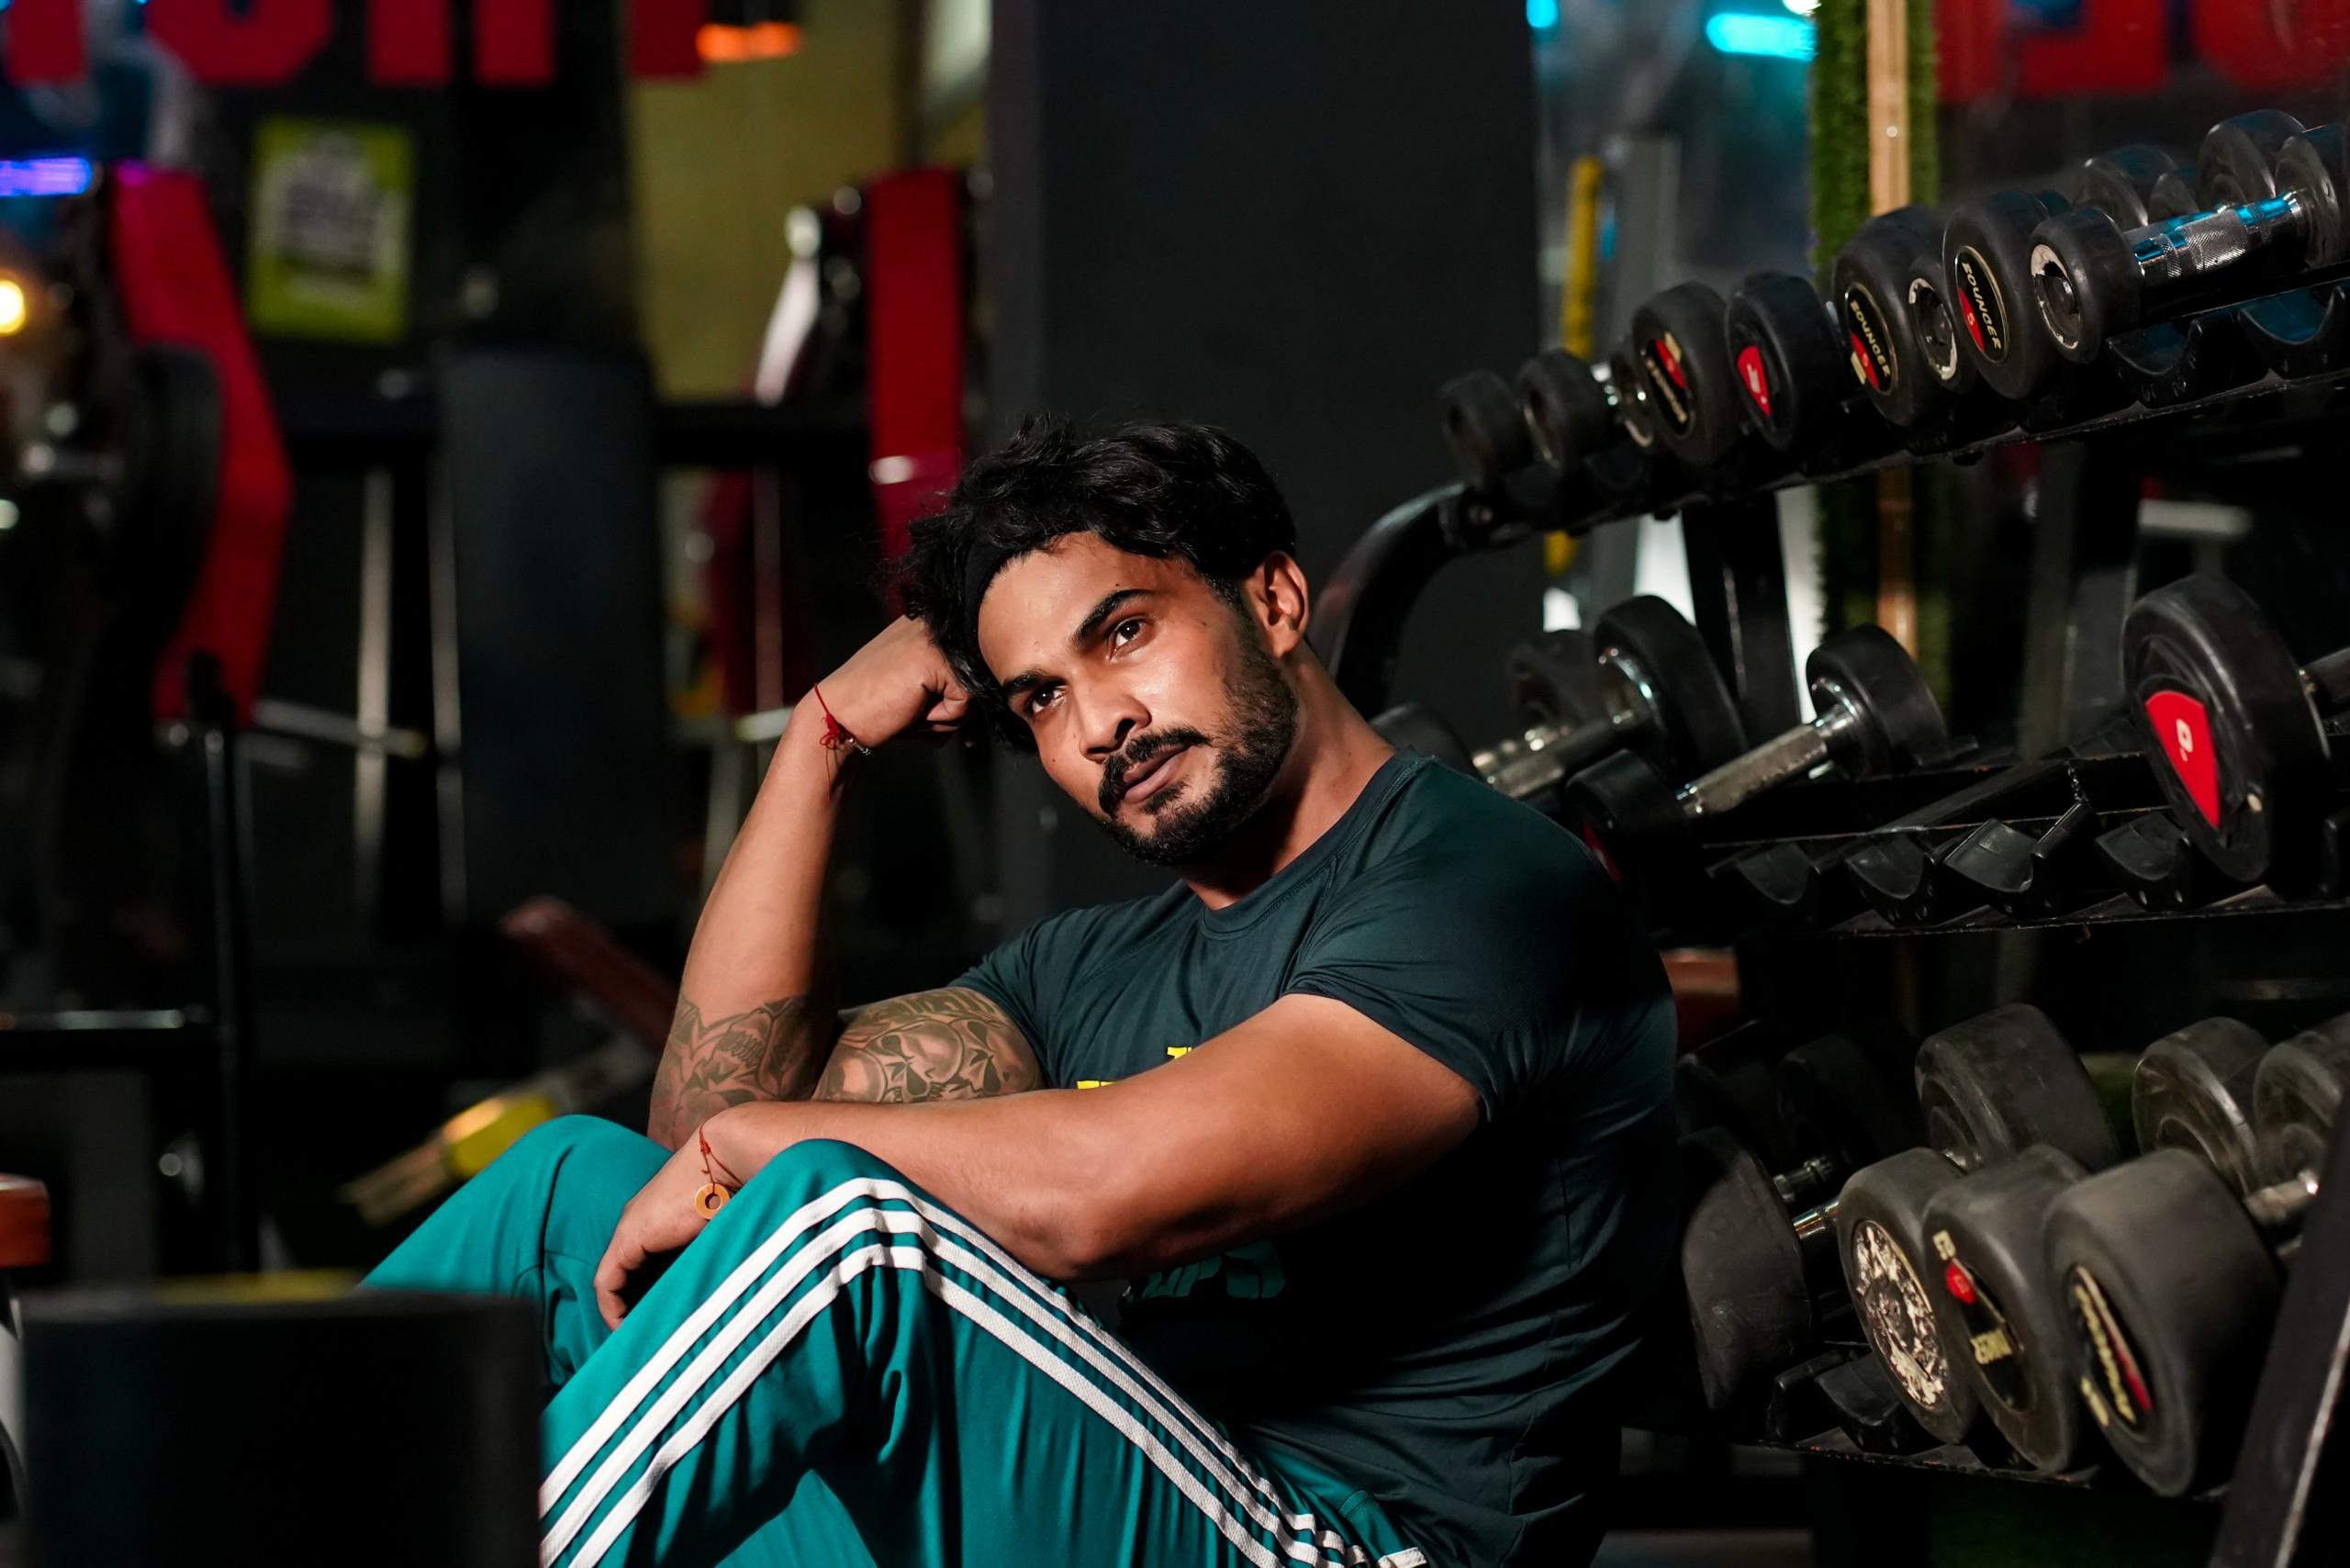 Gym boy sits on a floor